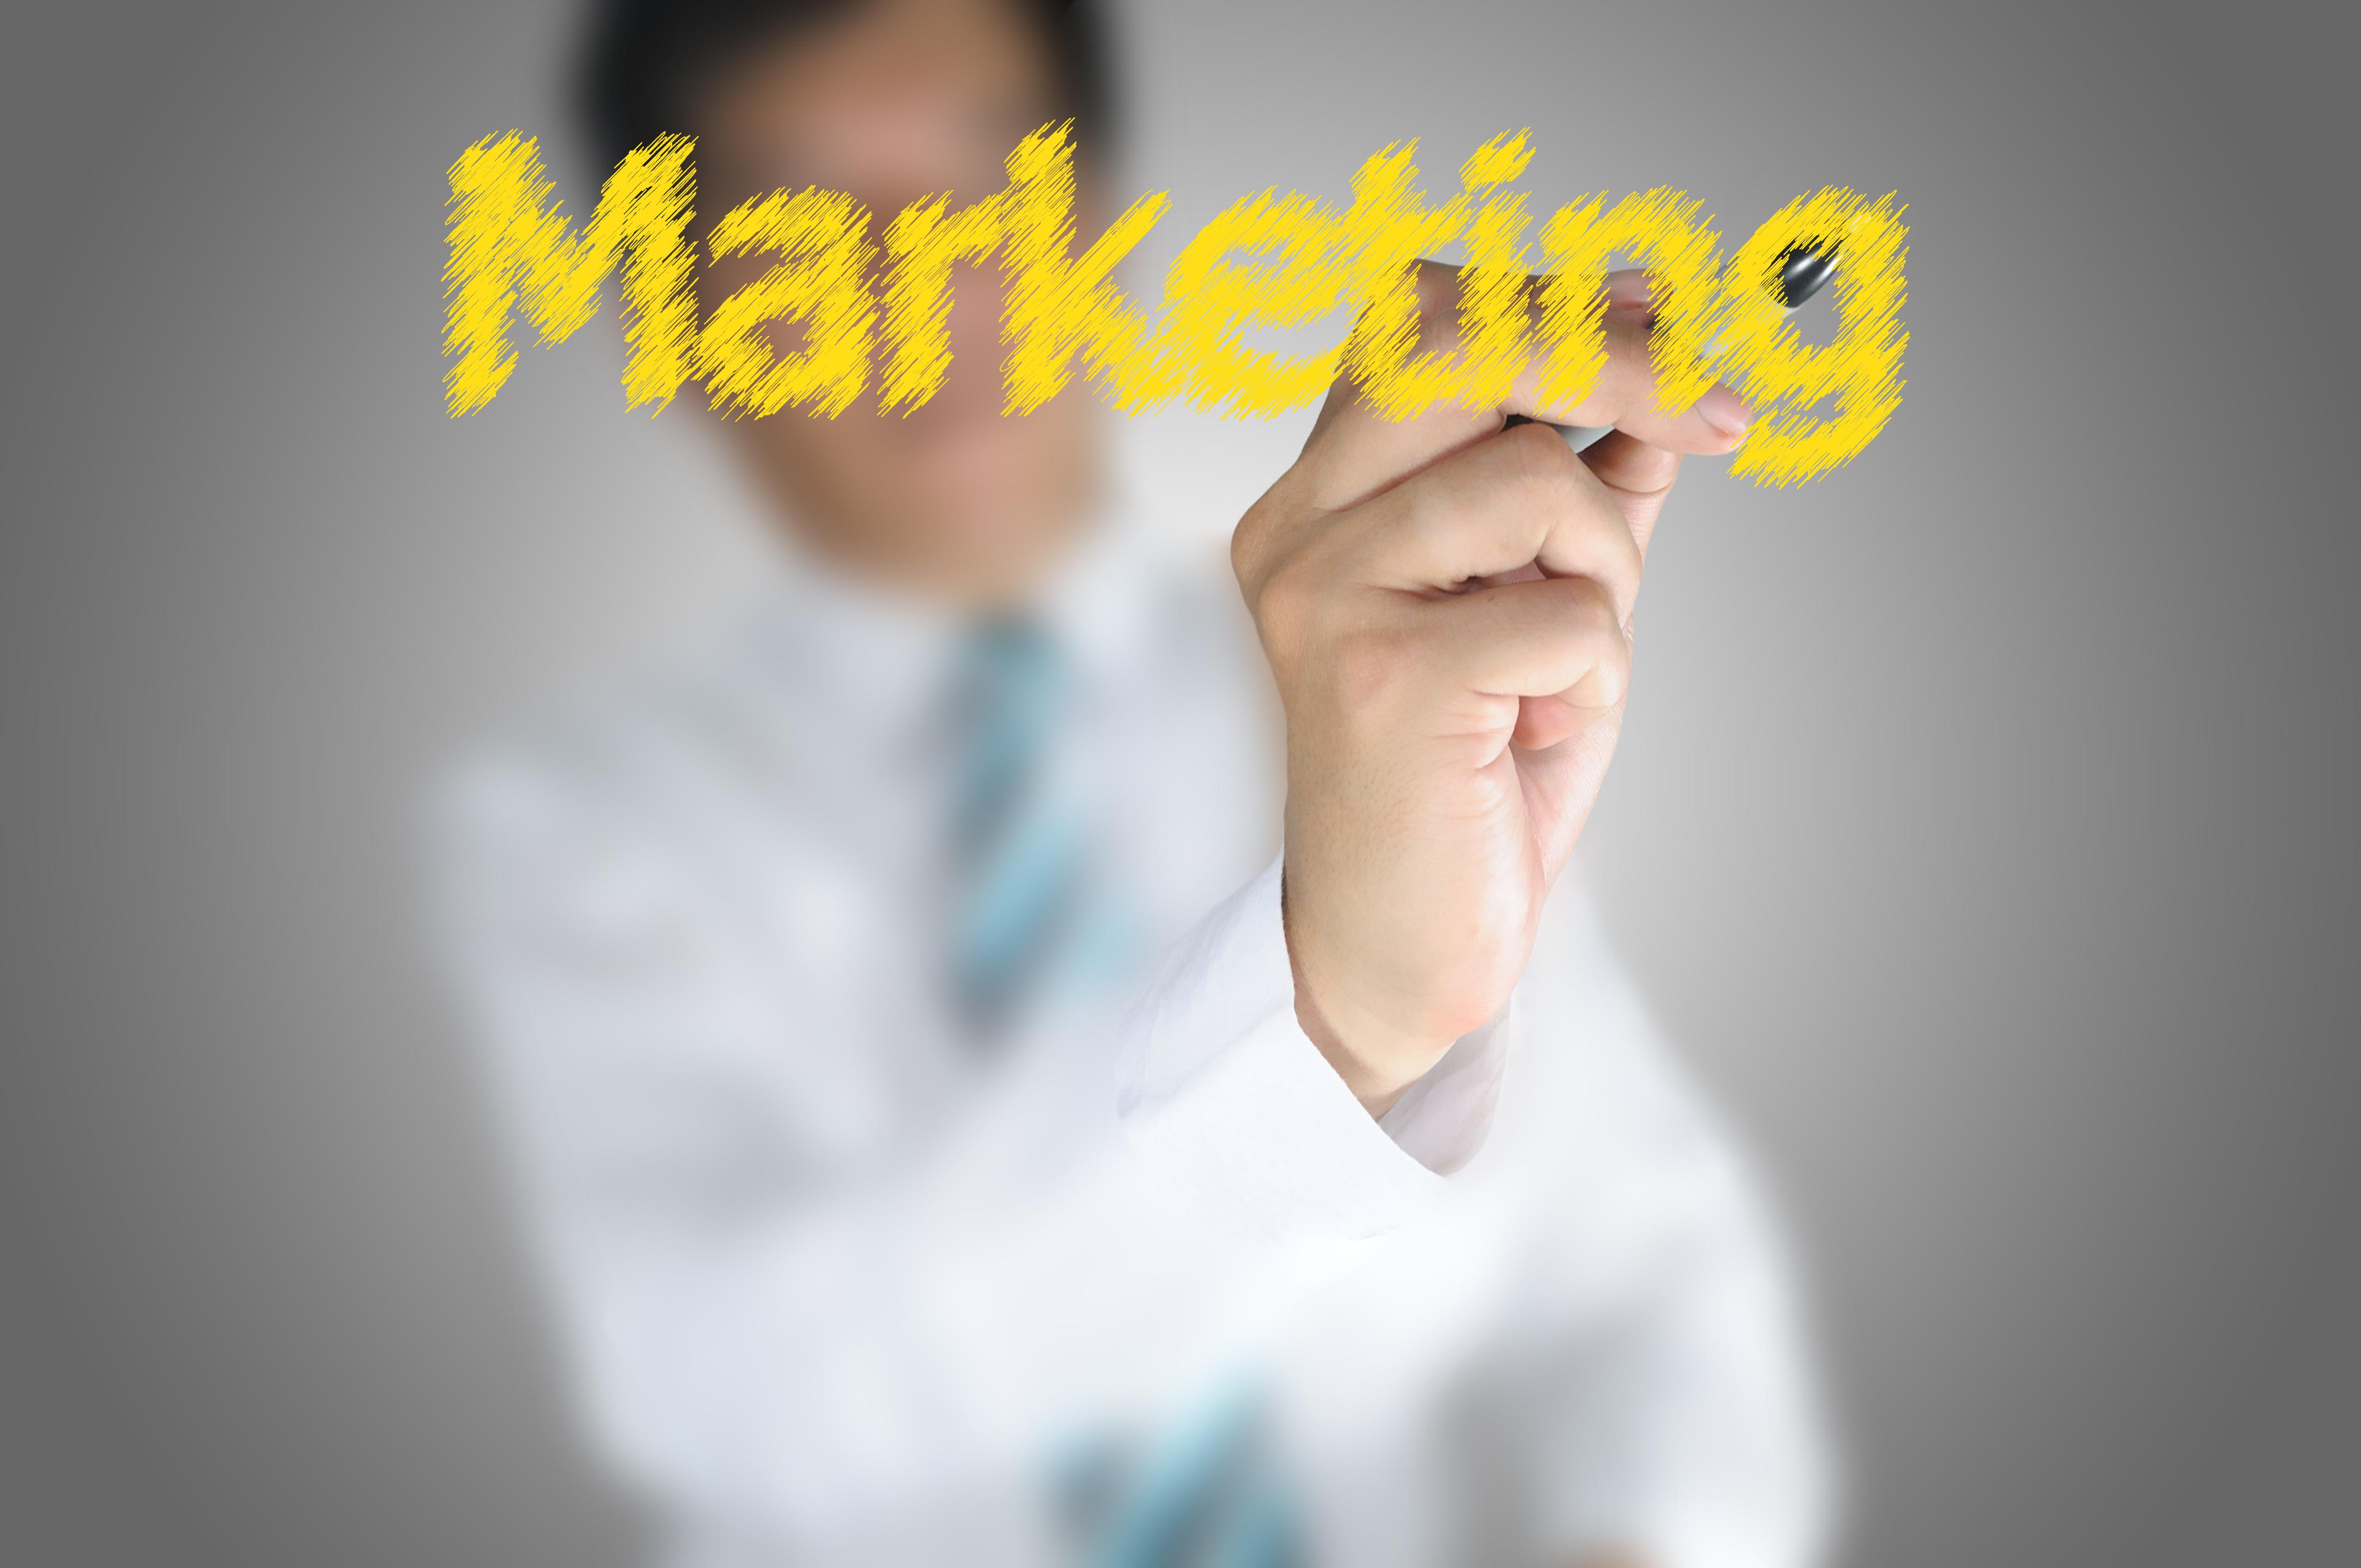 Incrementare i risultati degli annunci: il conversational marketing avanzato per il settore retail